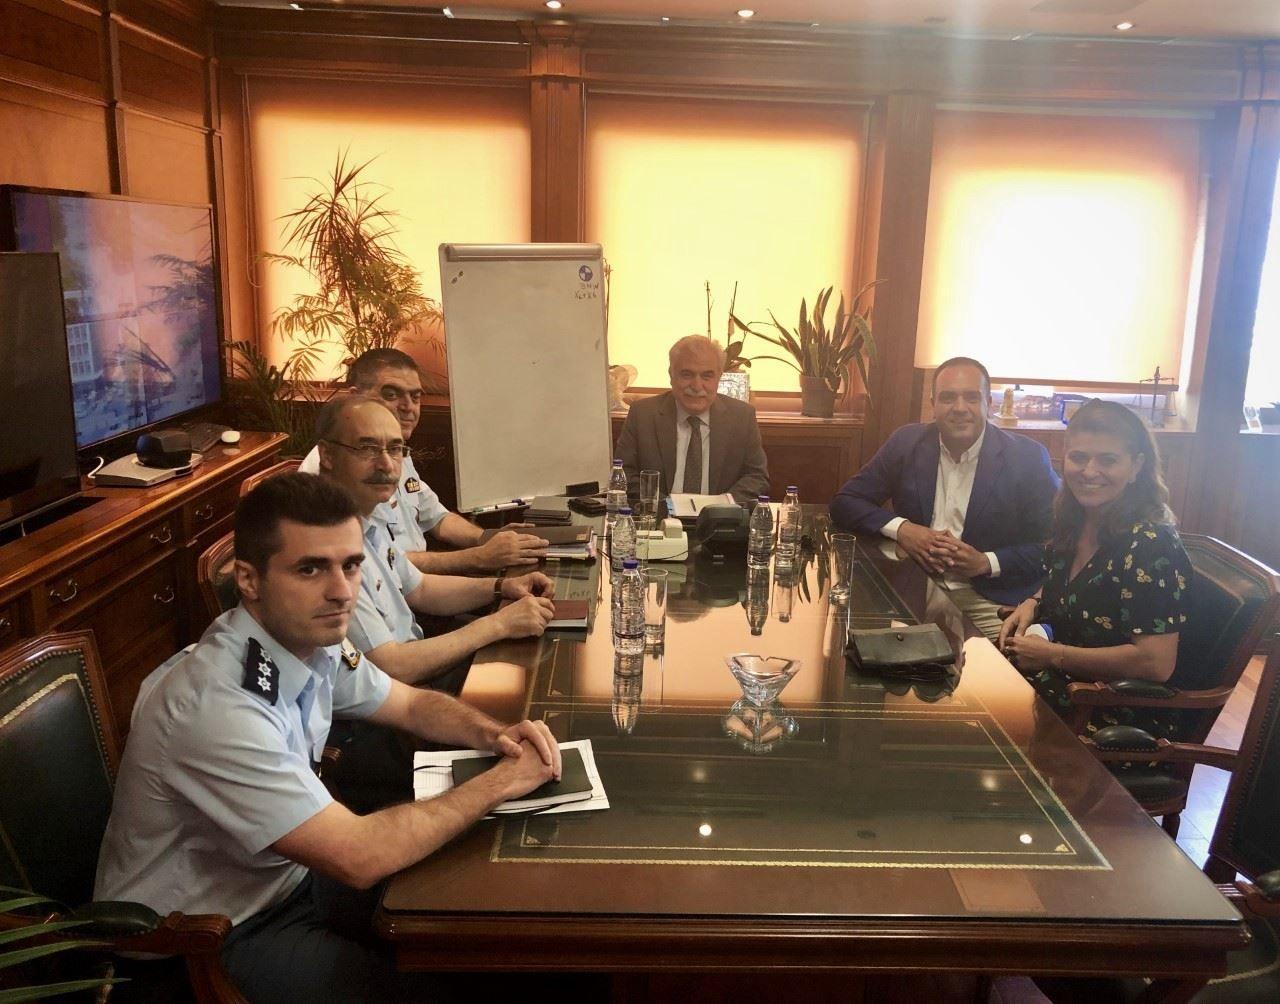 , Κ. Κουκάς: Η ασφάλεια-προστασία των κατοίκων και των επισκεπτών είναι στρατηγική μας προτεραιότητα την επόμενη 4ετία